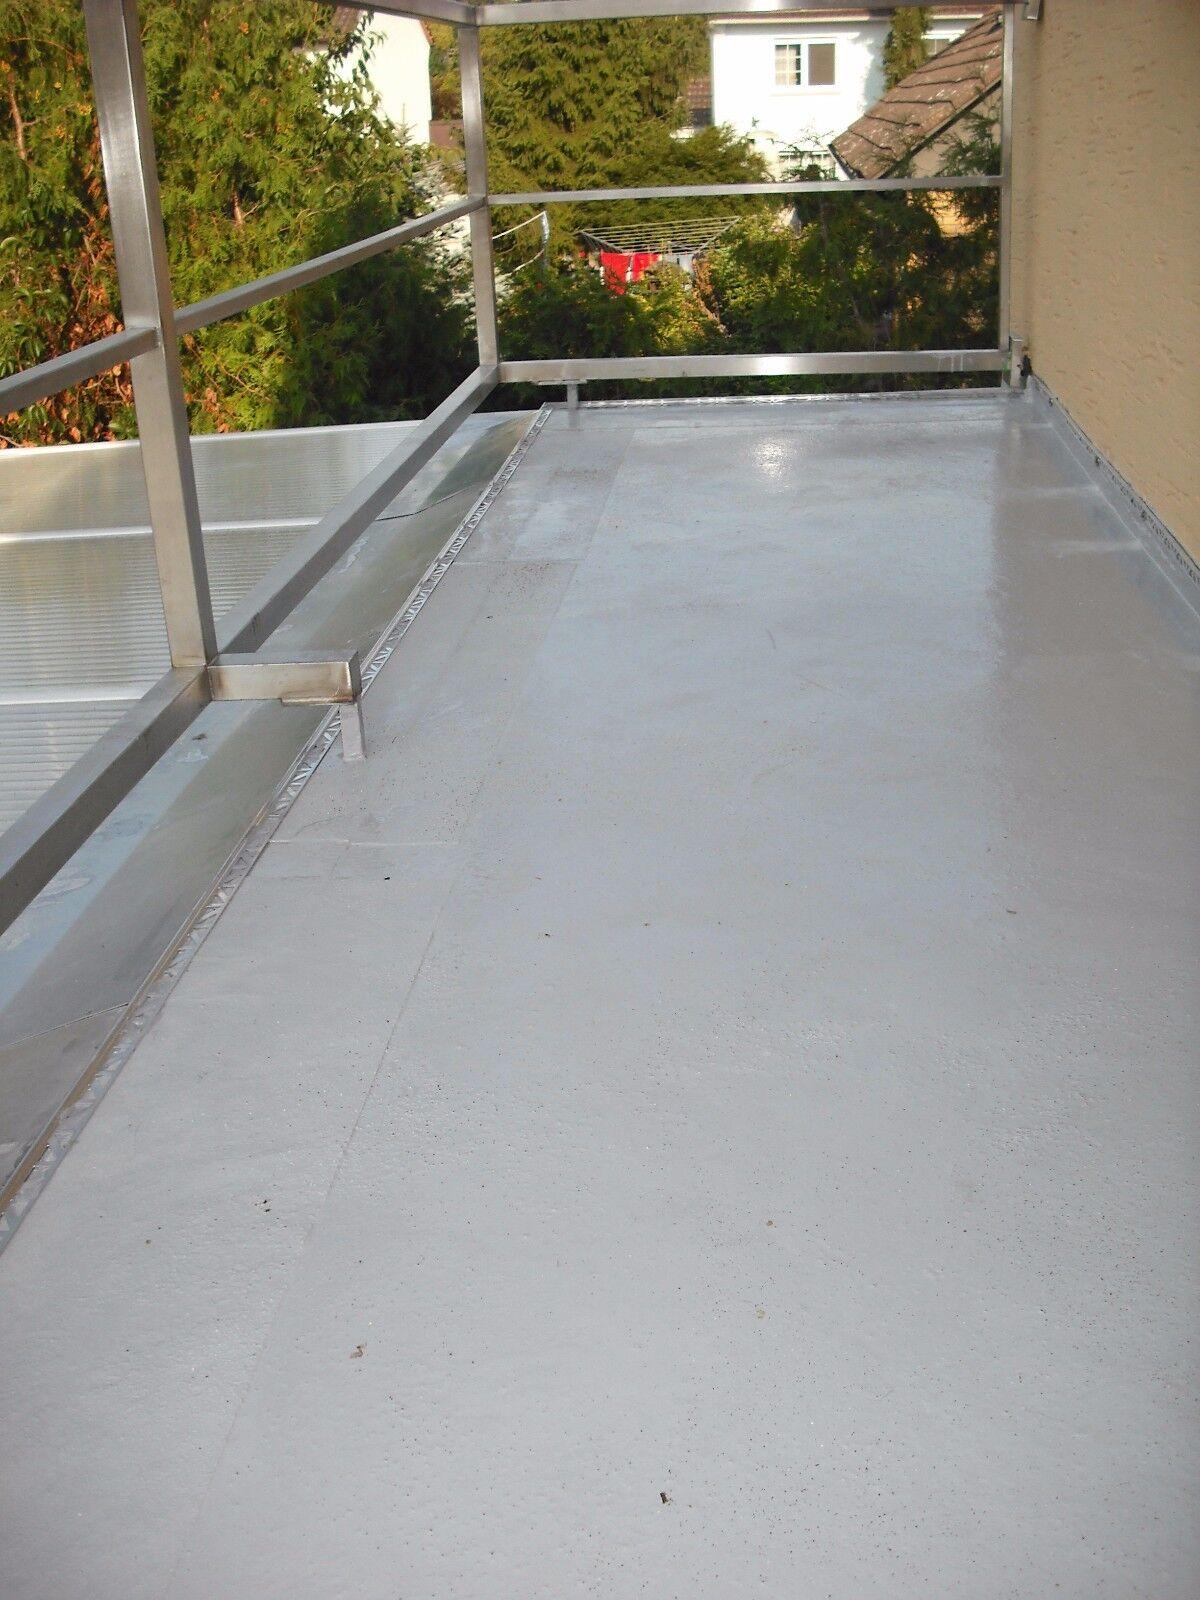 Dichtbox für die Balkon und Terrassenabdichtung sofort wasserdicht 6 kg